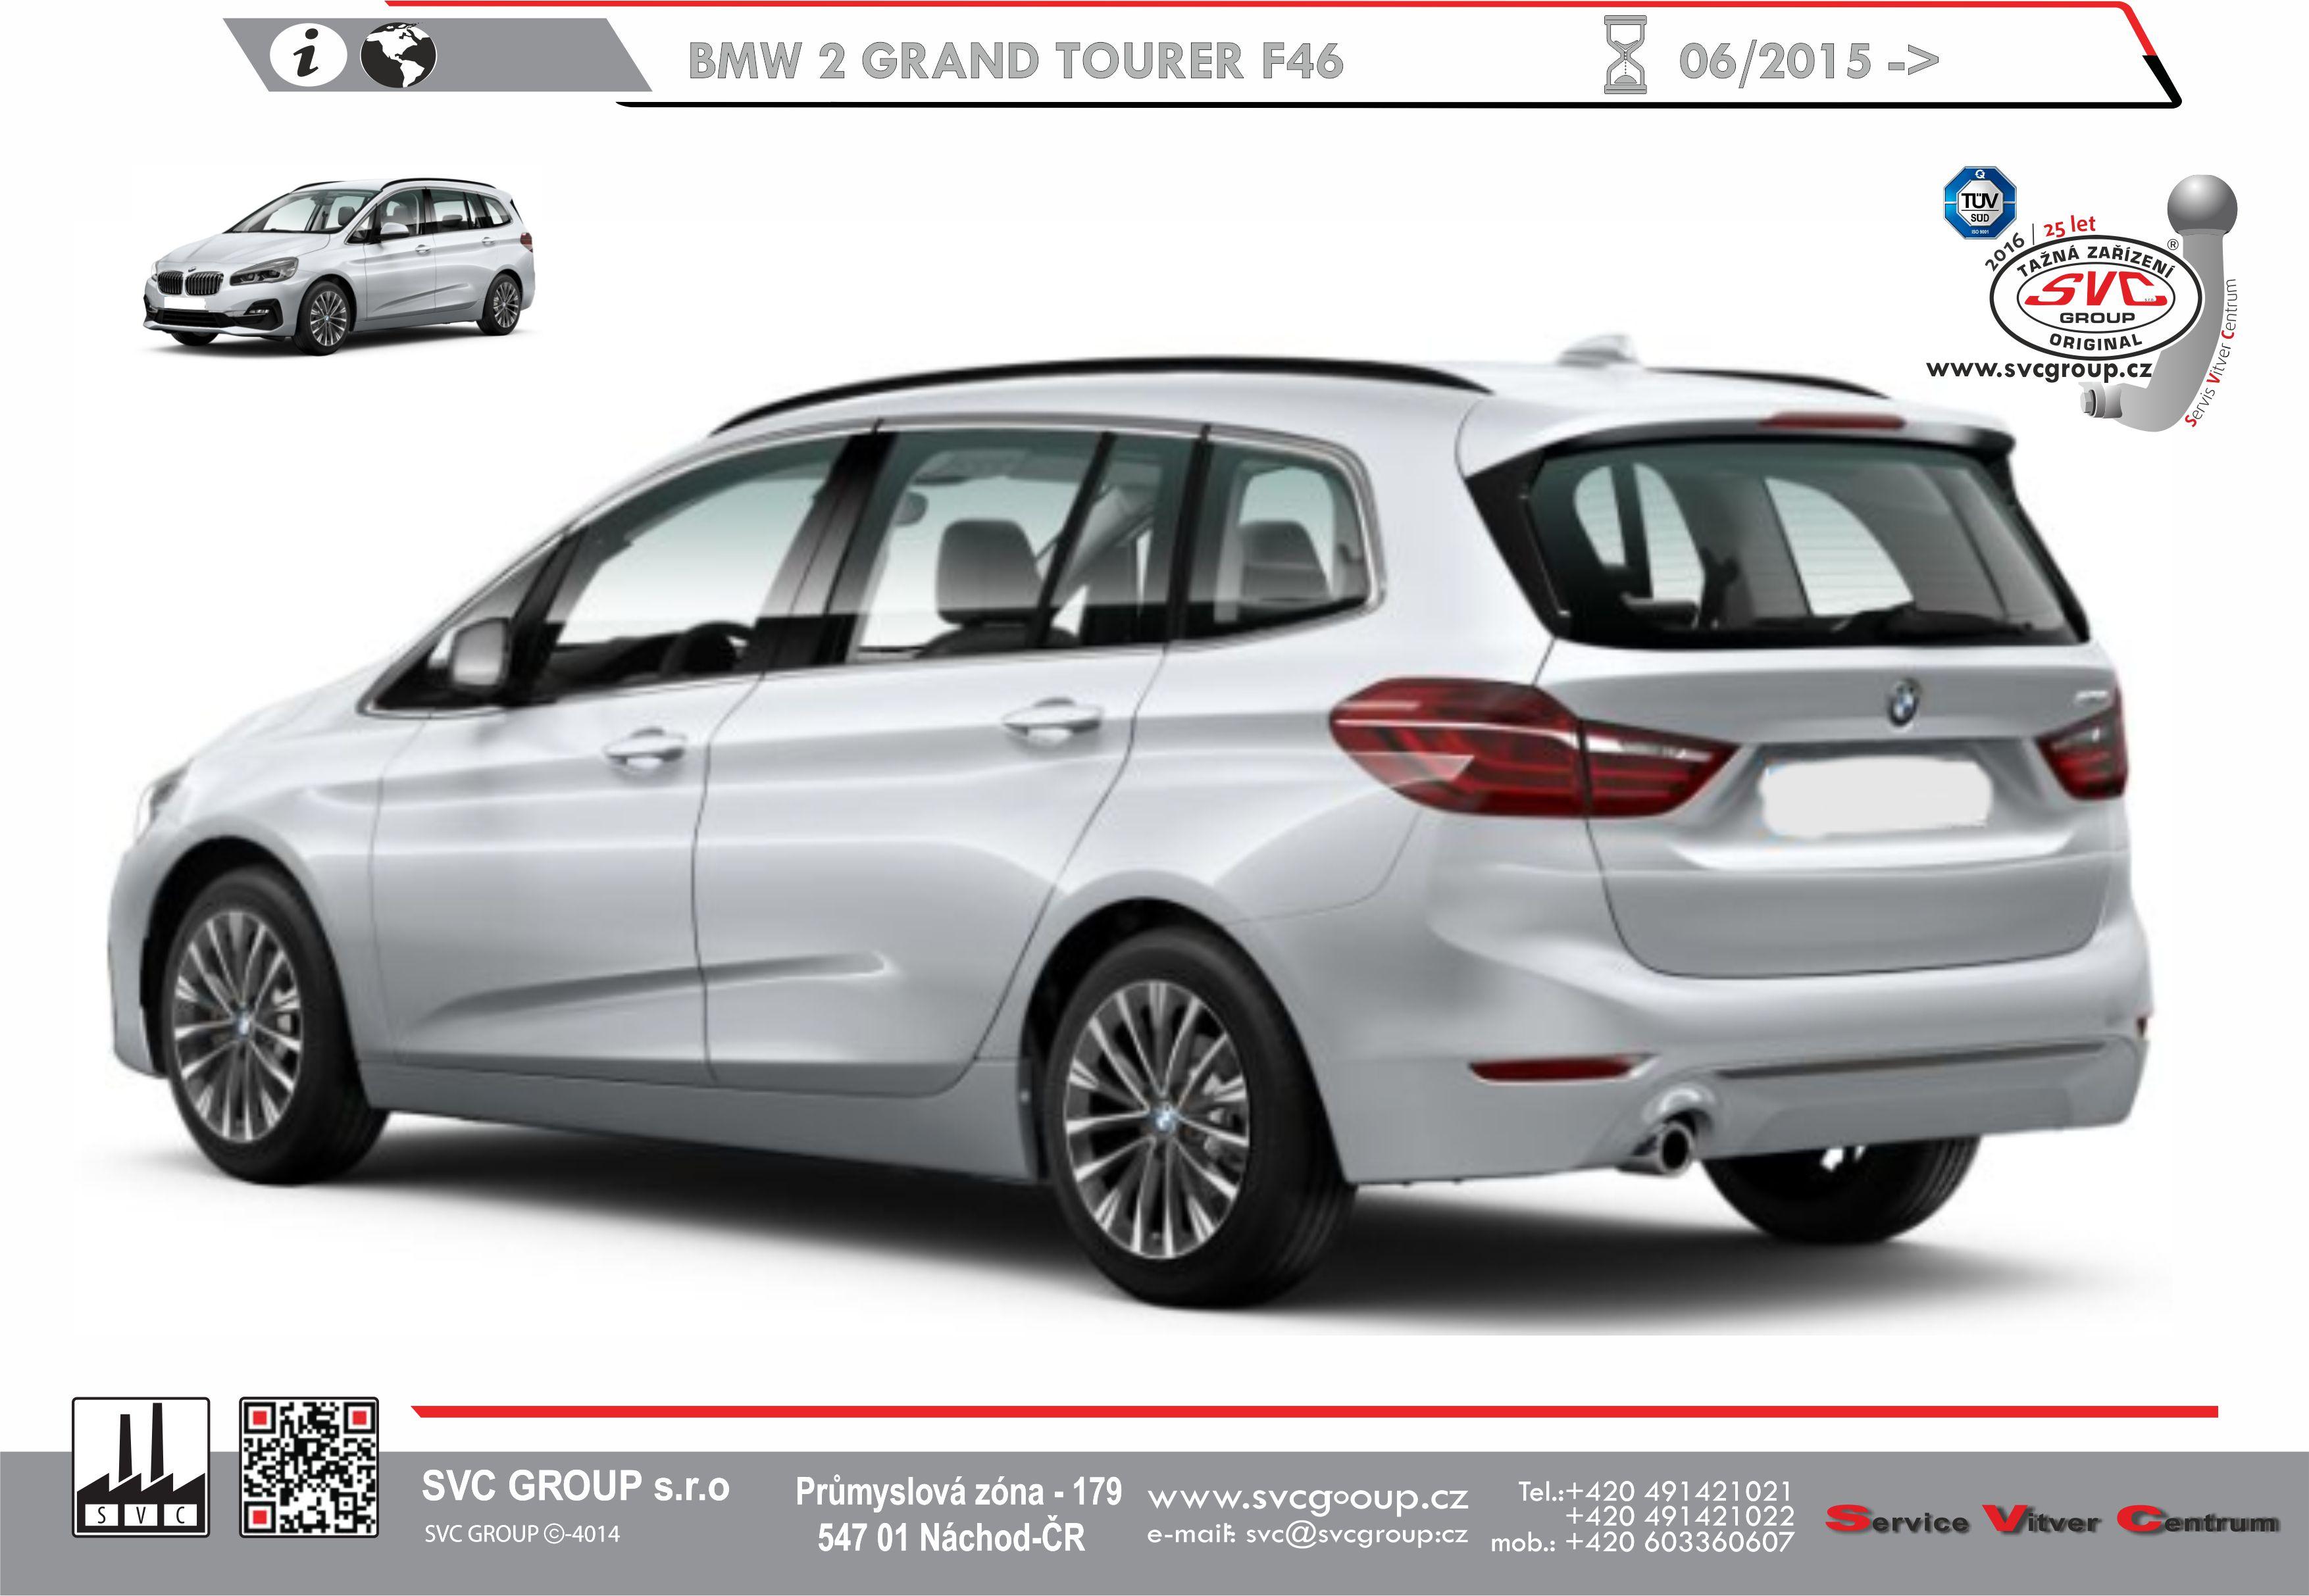 BMW 2 Grand Tourer